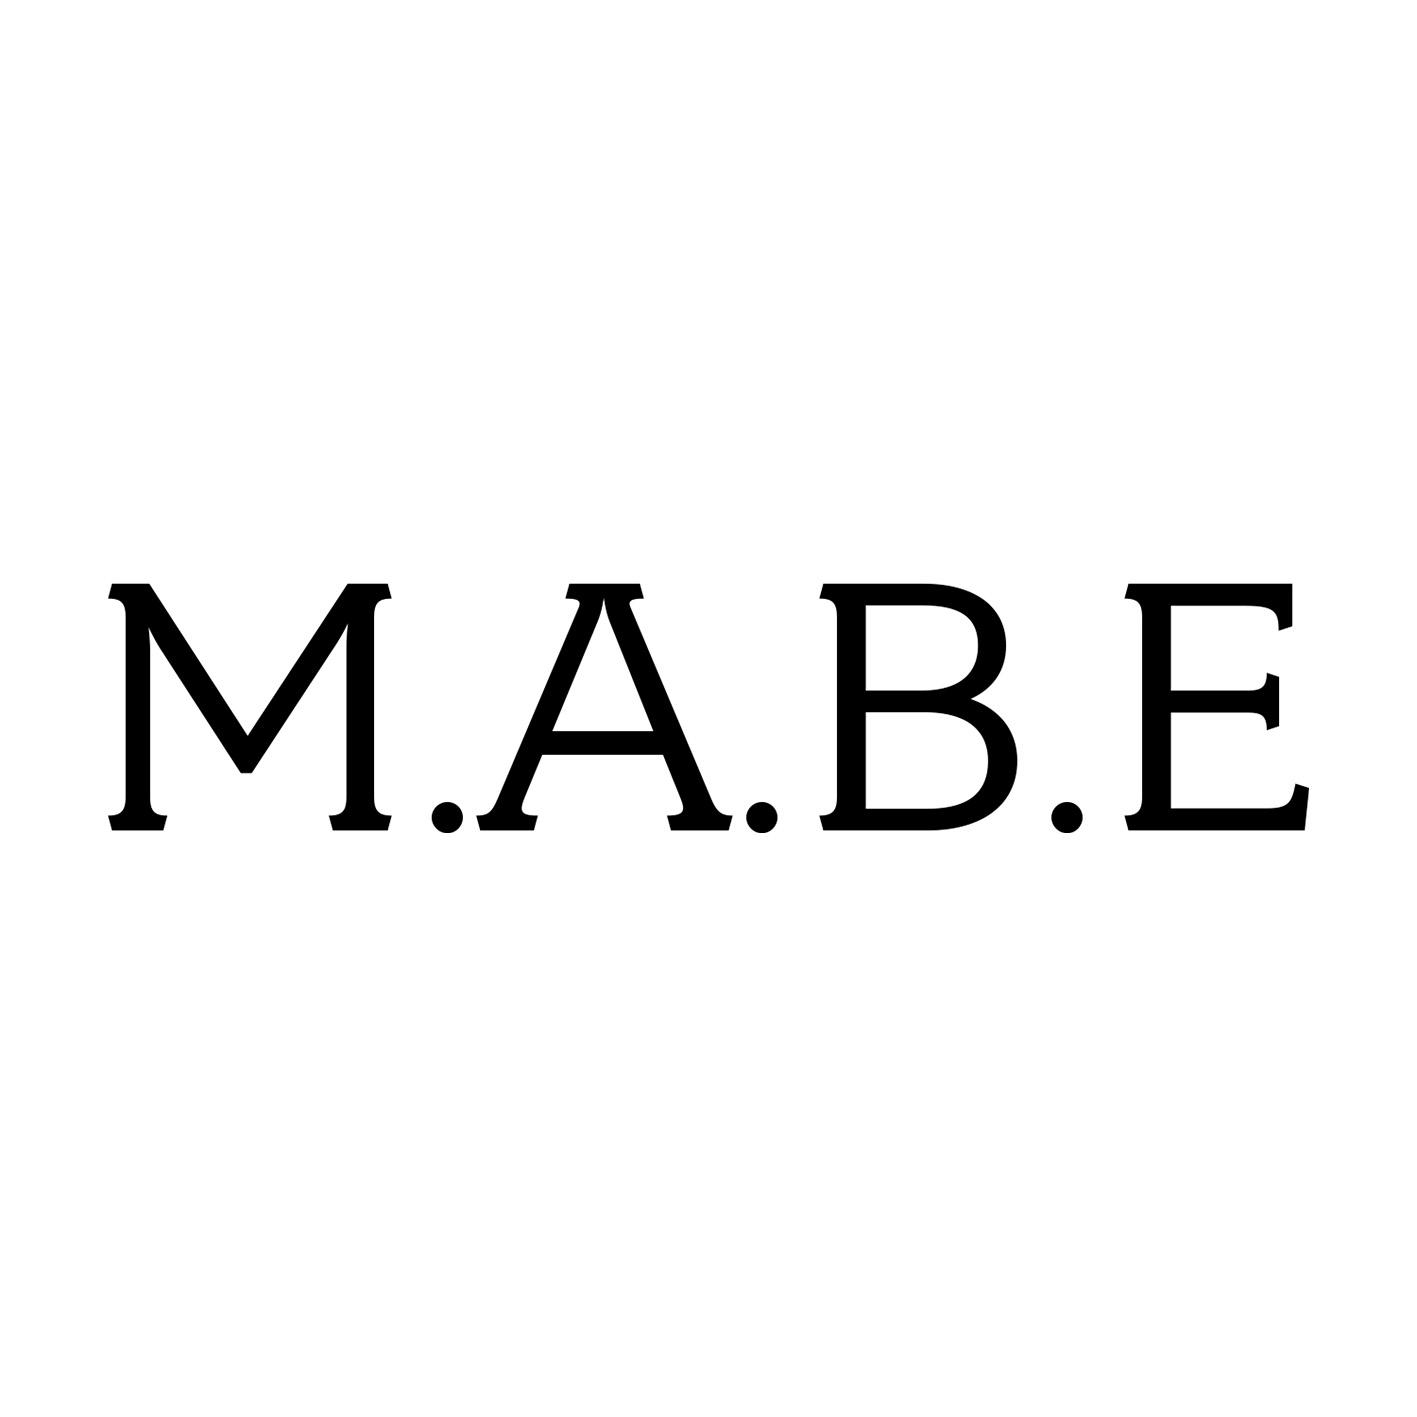 M.A.B.E.